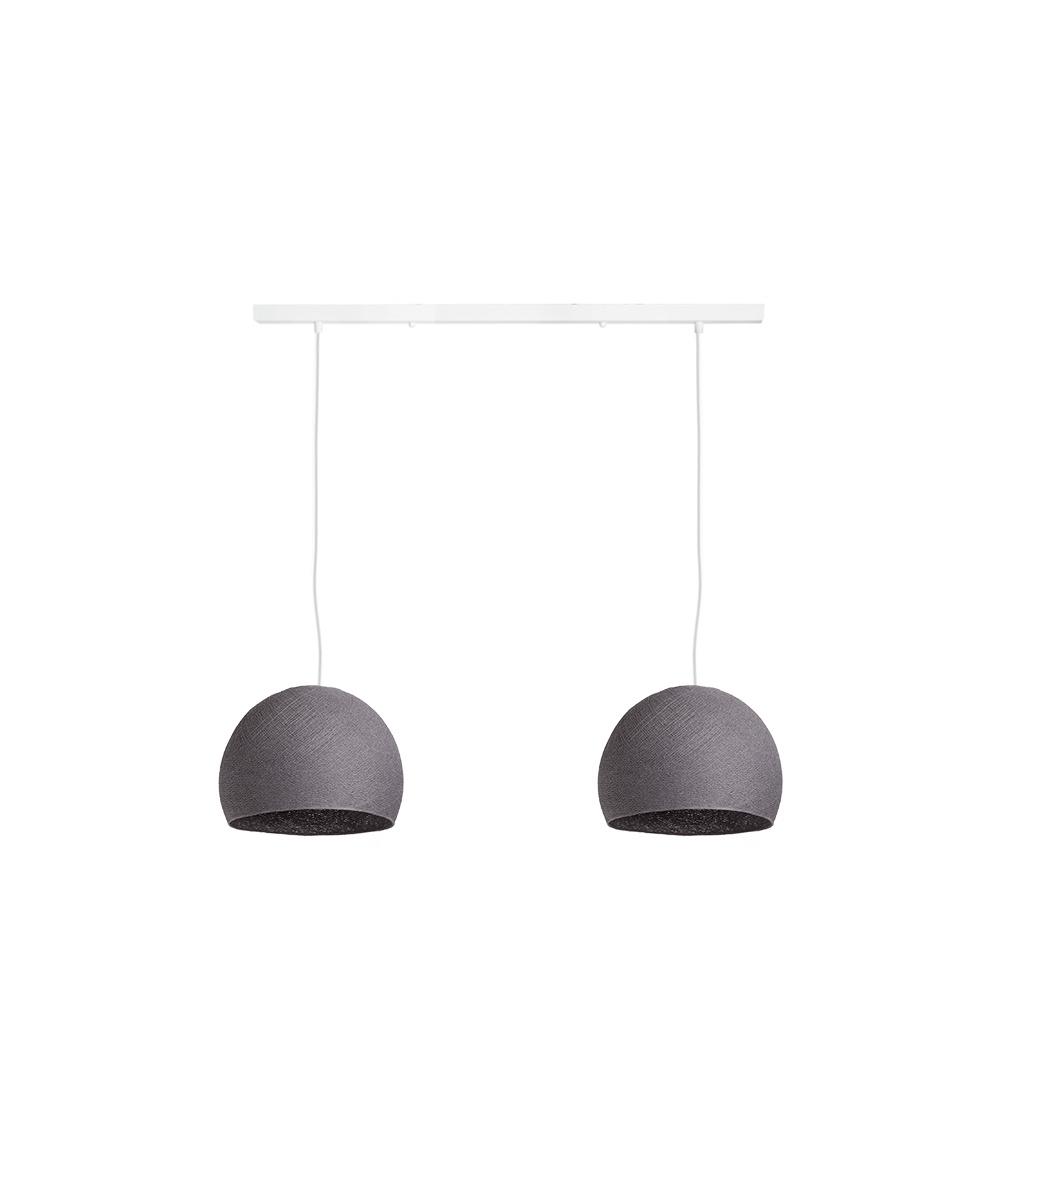 Cotton Ball Lights Tweevoudige hanglamp balk - Driekwart Mid Grey